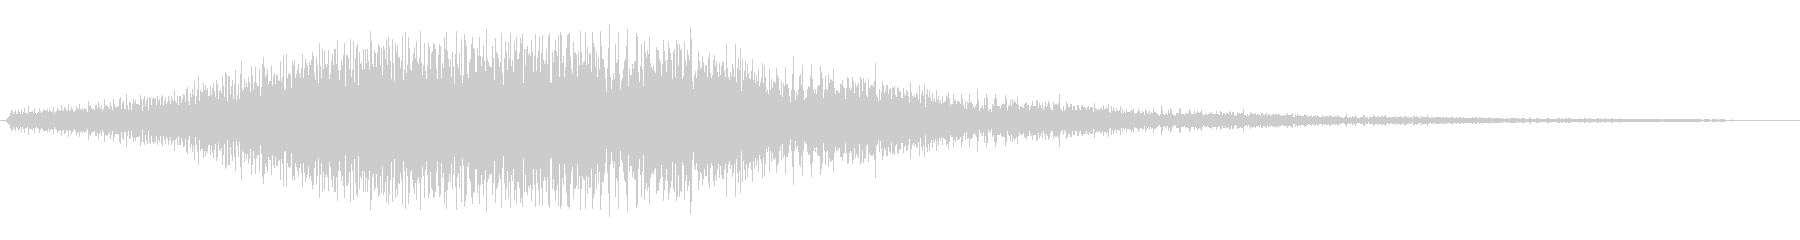 ショロロローン(下降していく効果音)の未再生の波形